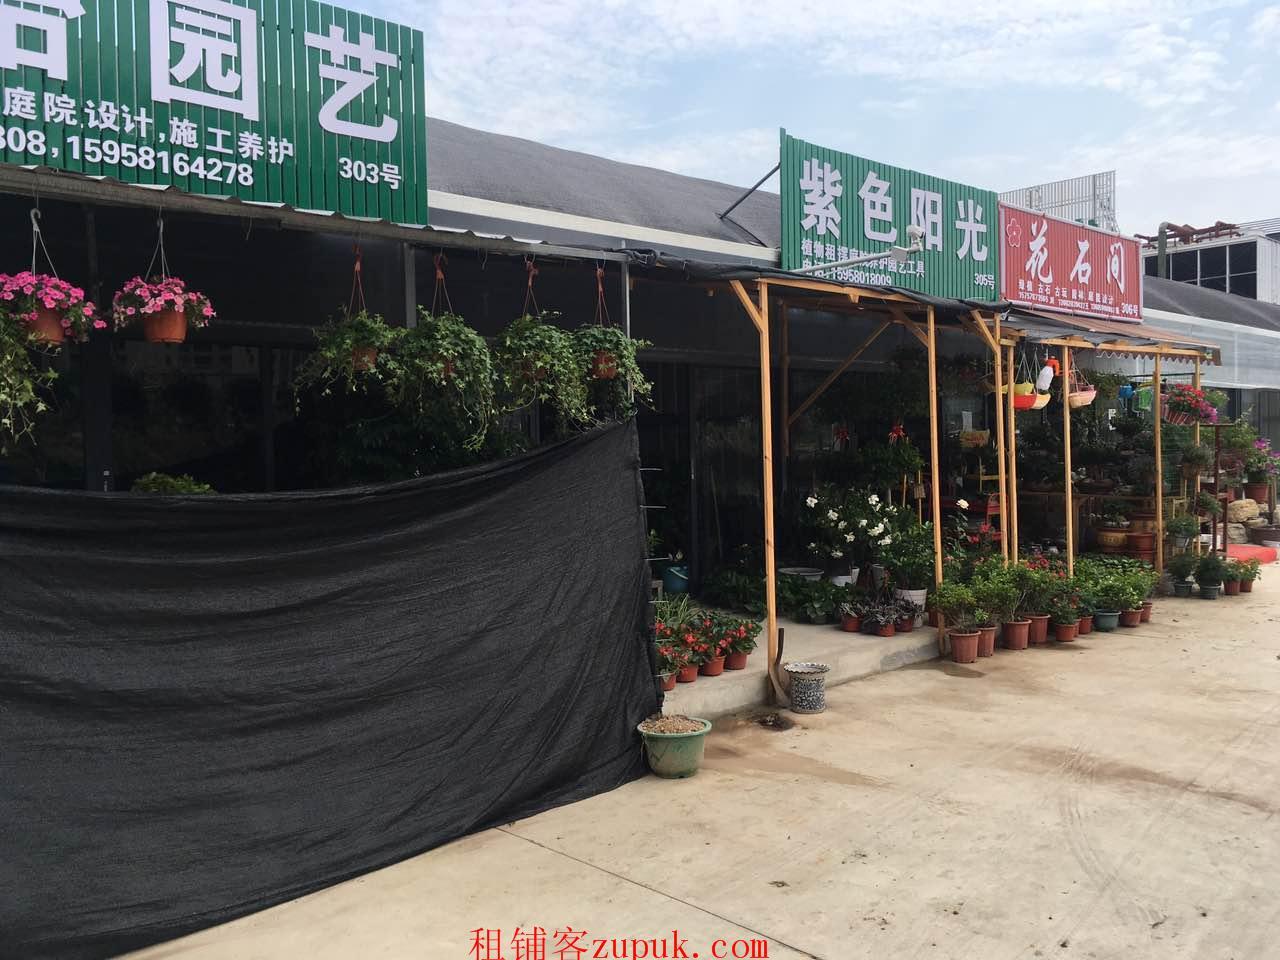 出租宏丰花卉市场新铺,全新装修,价格实惠